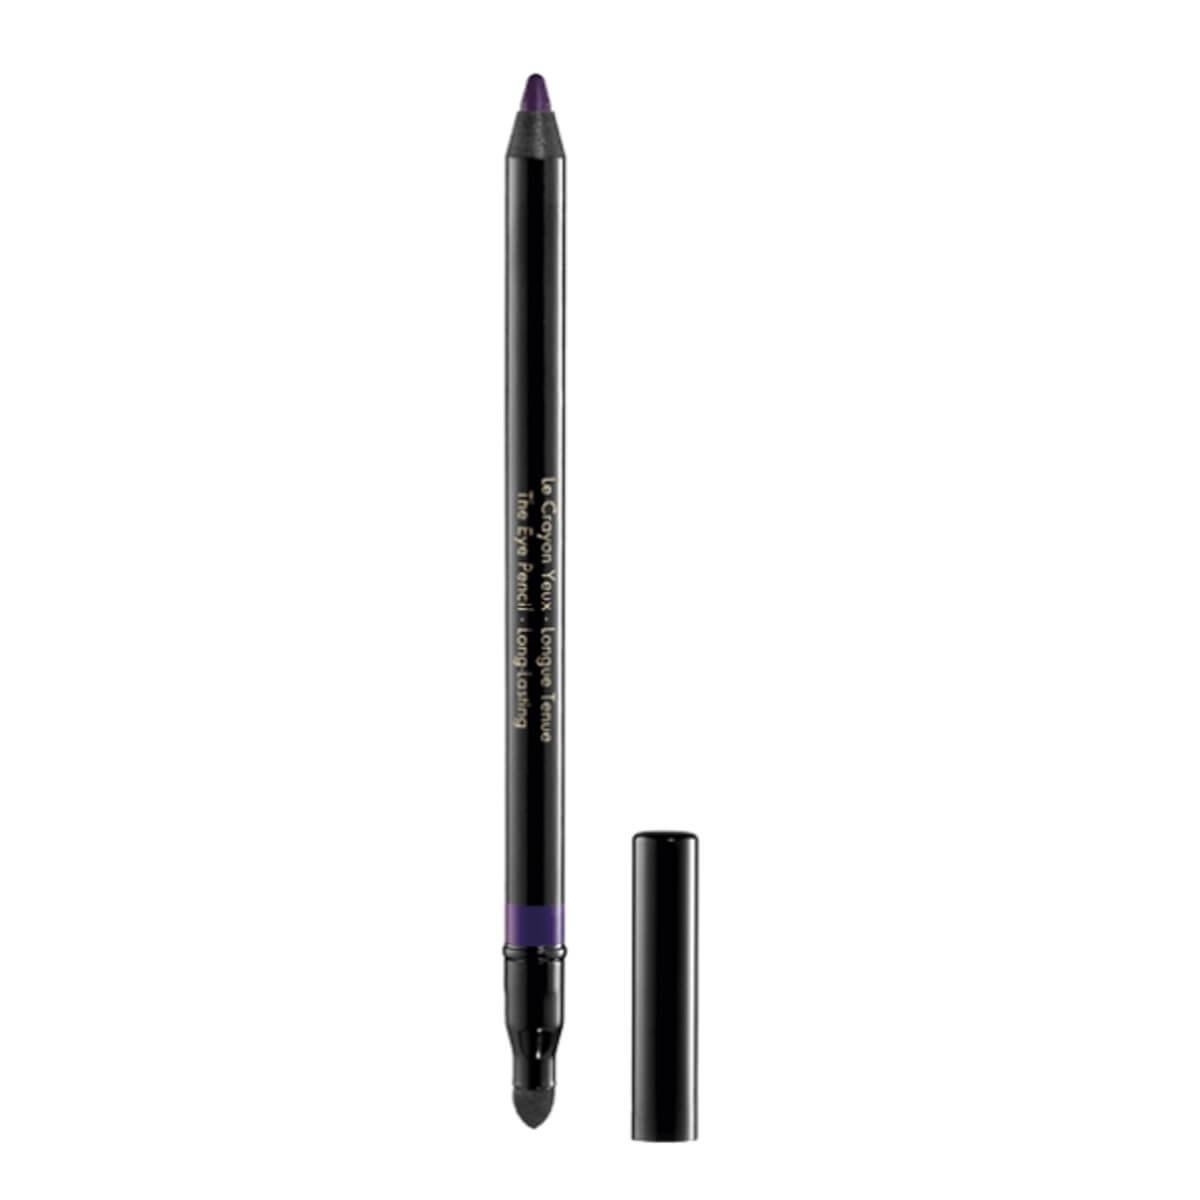 Guerlain The Eye Pencil